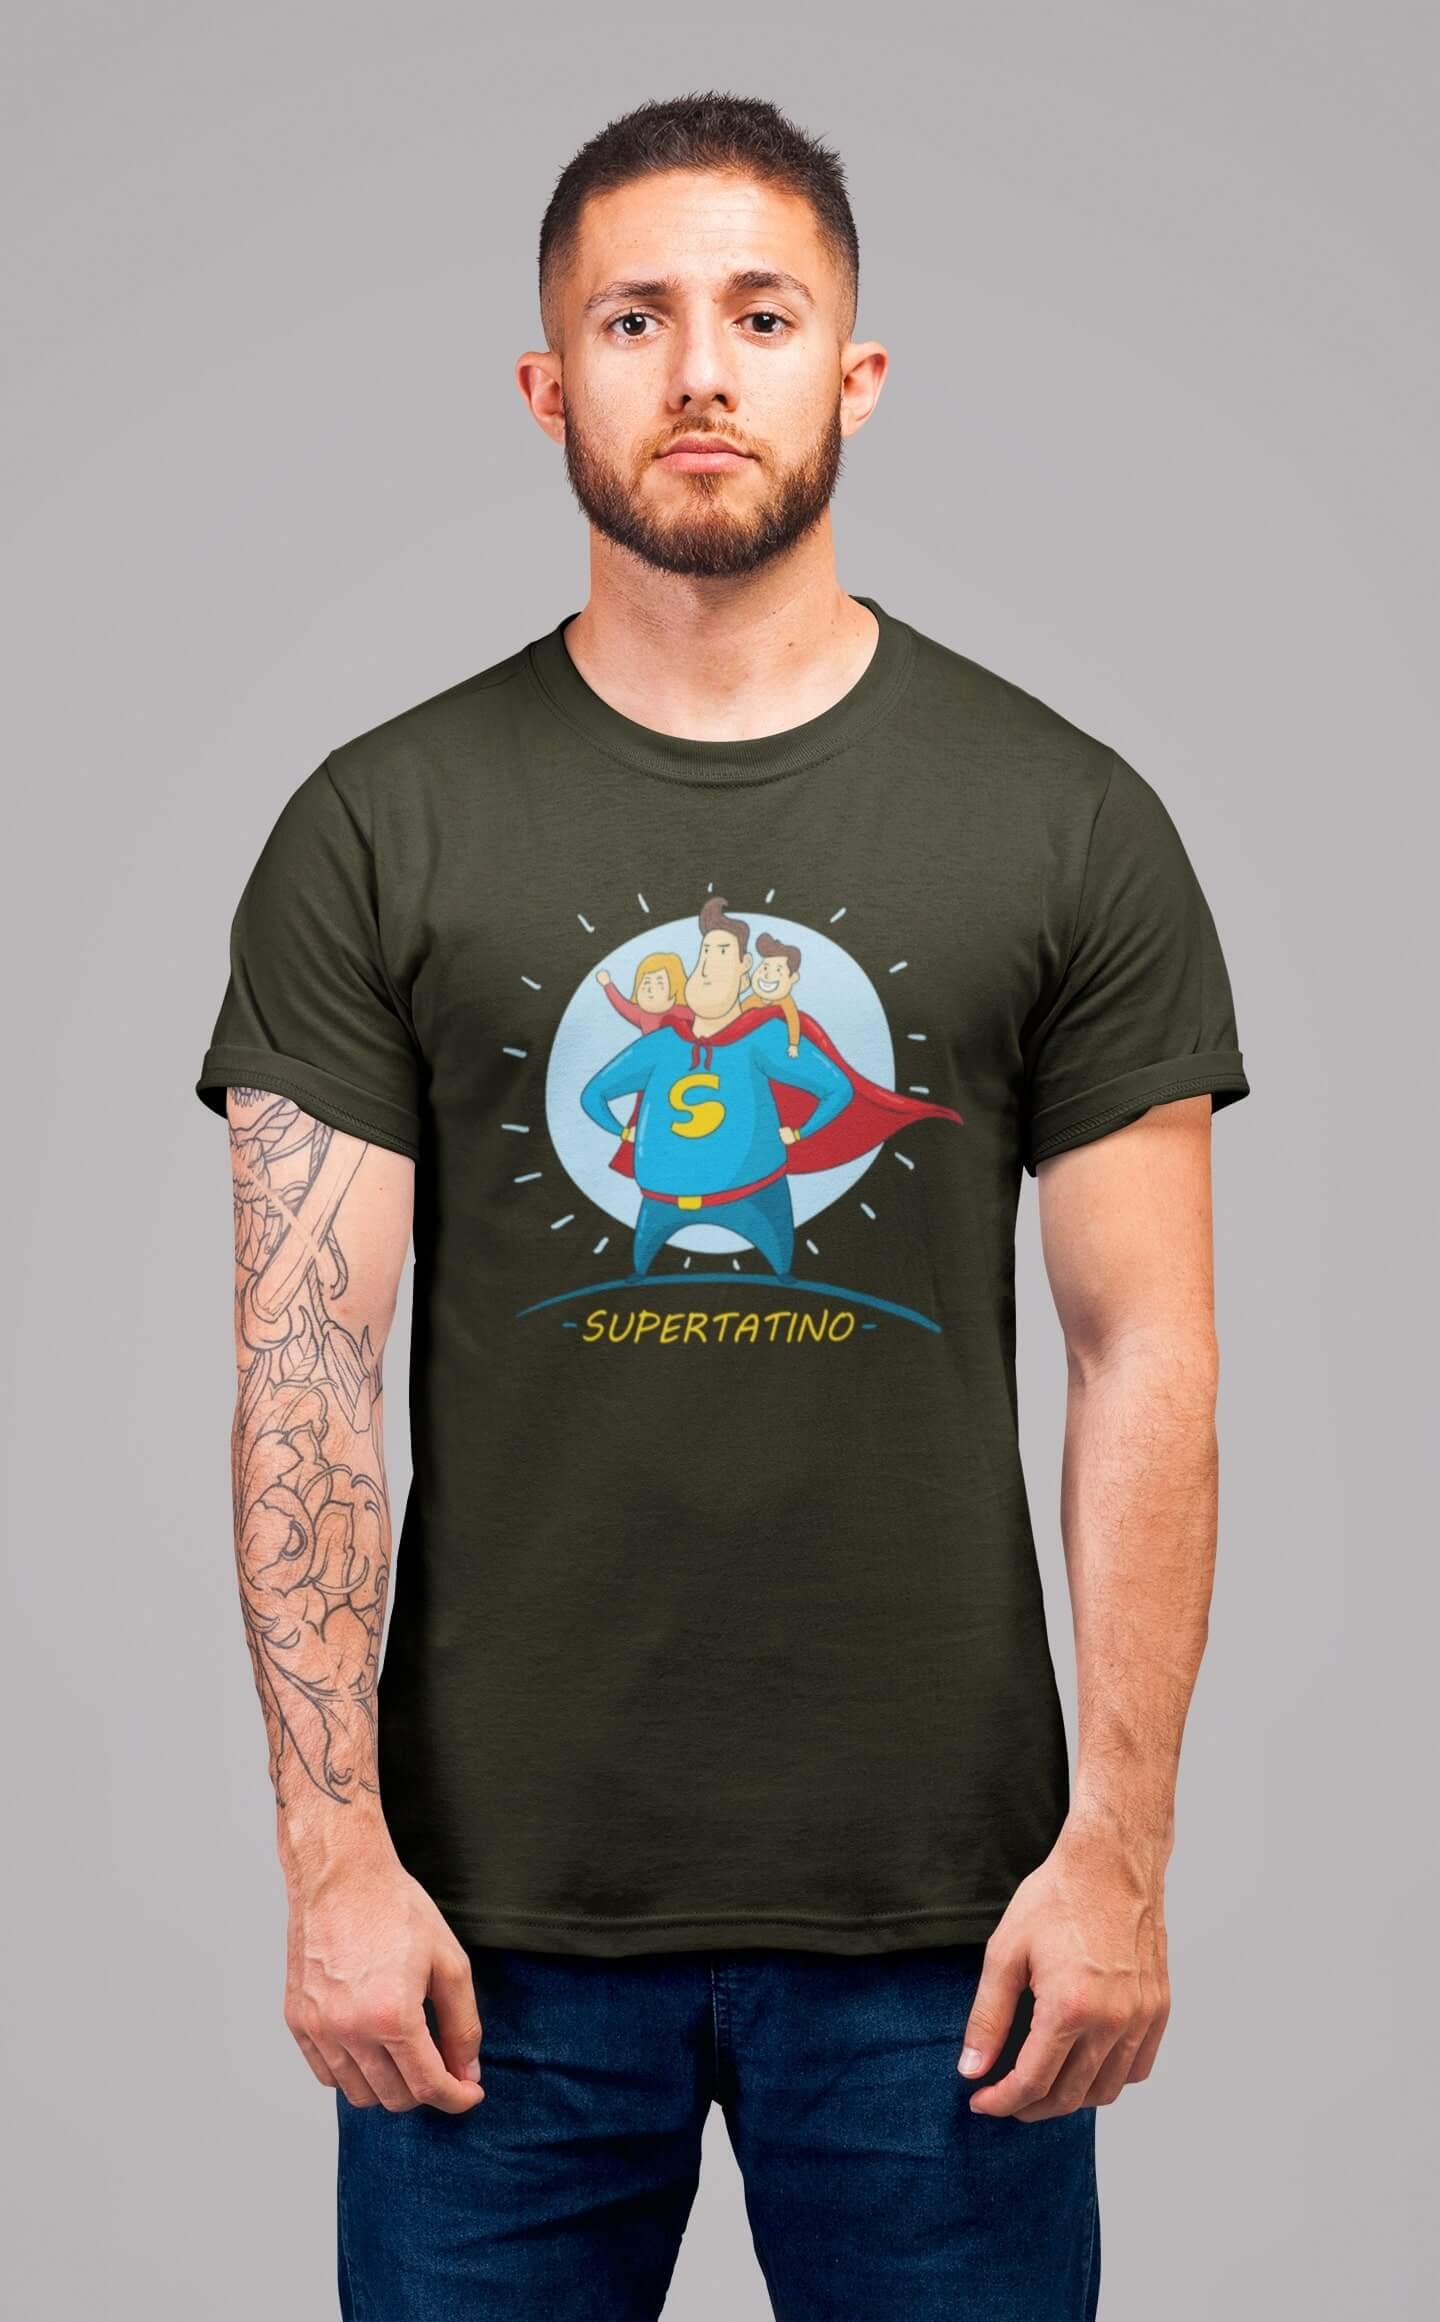 MMO Pánske tričko SUPERTATINO Vyberte farbu: Military, Vyberte veľkosť: XS